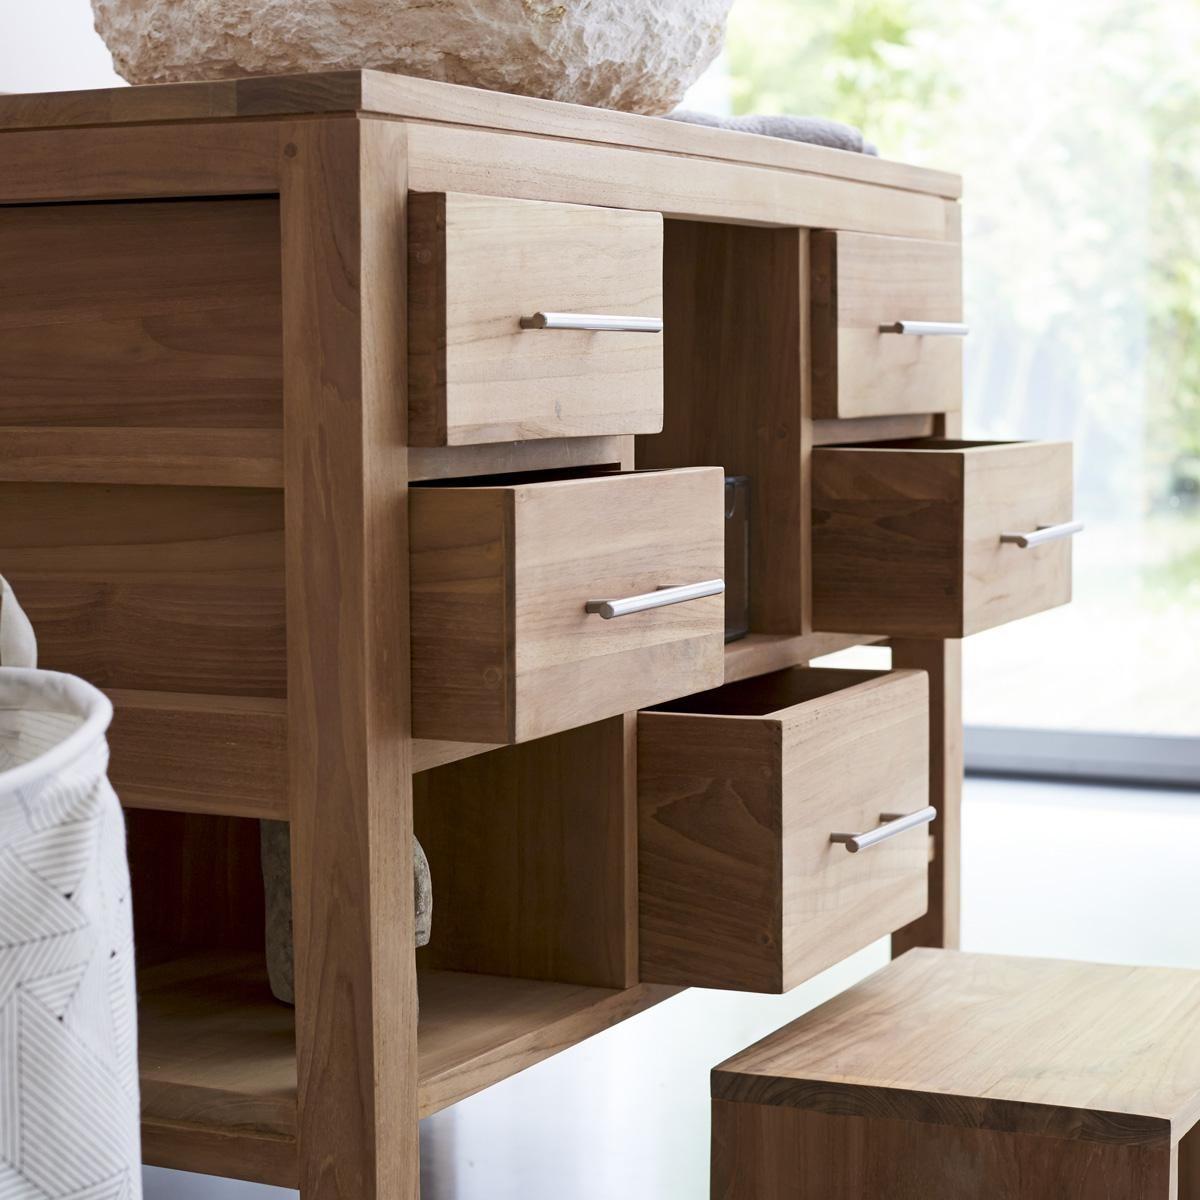 Bad Waschtisch Unterschrank Holz ~ Waschtisch Waschbecken Unterschrank  Massiv Holz Teak Bad Neu 3